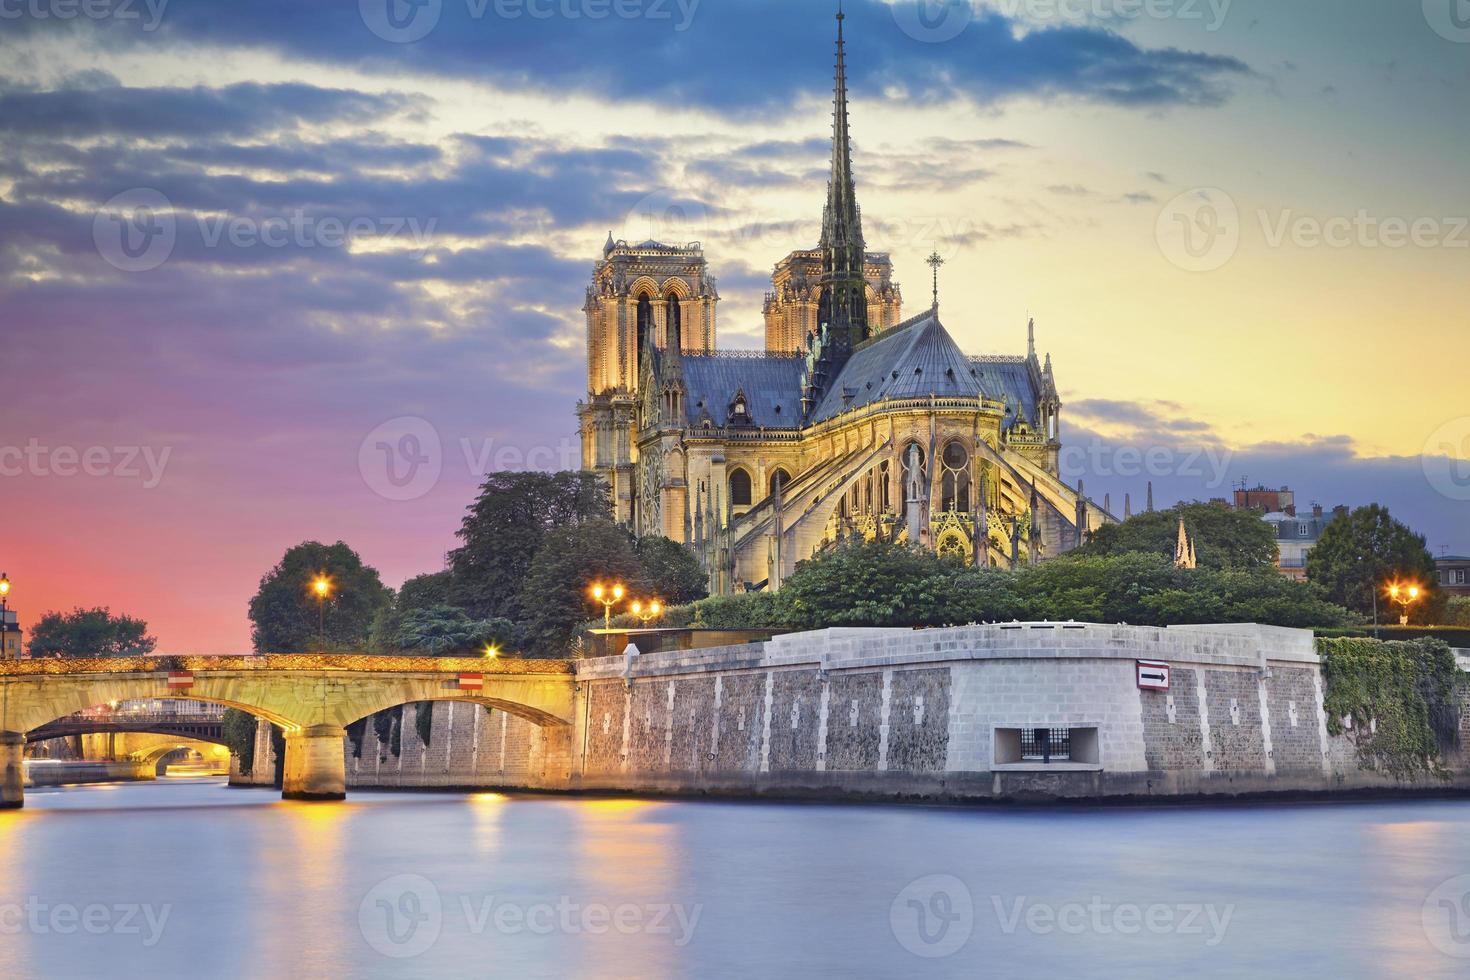 cathédrale notre dame, paris. photo